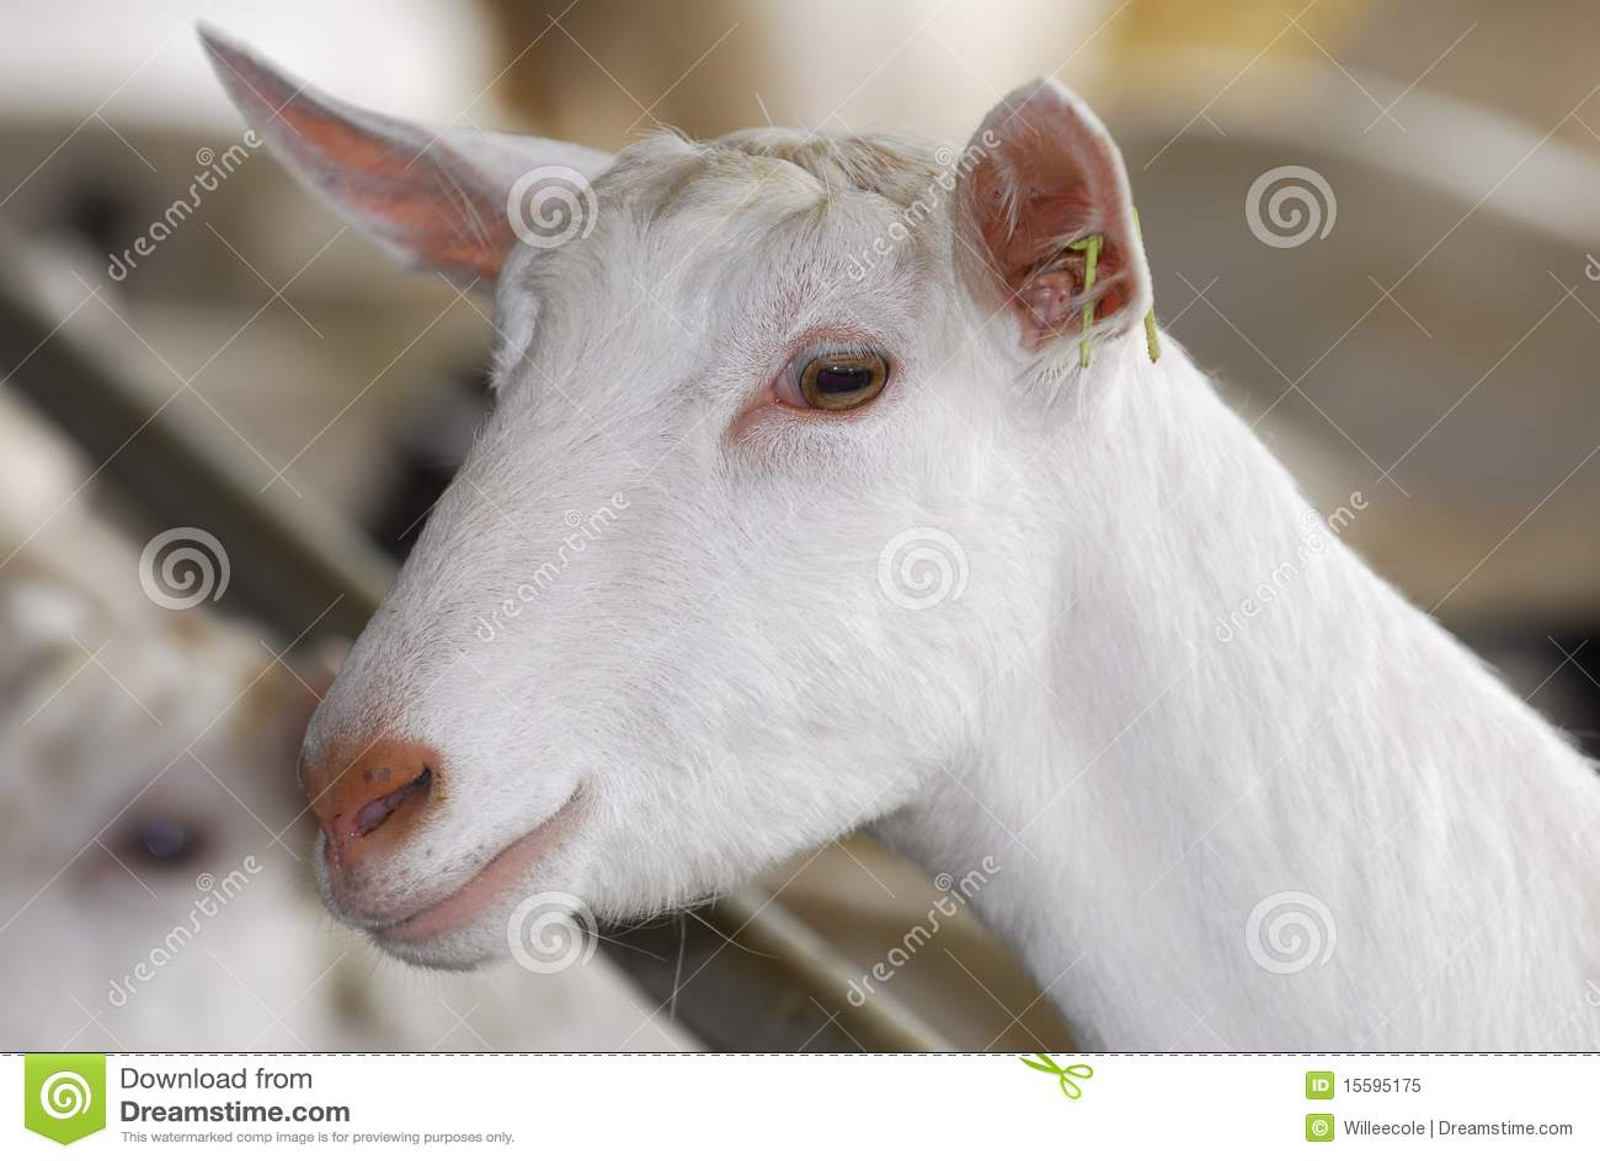 Cabra de la lechería